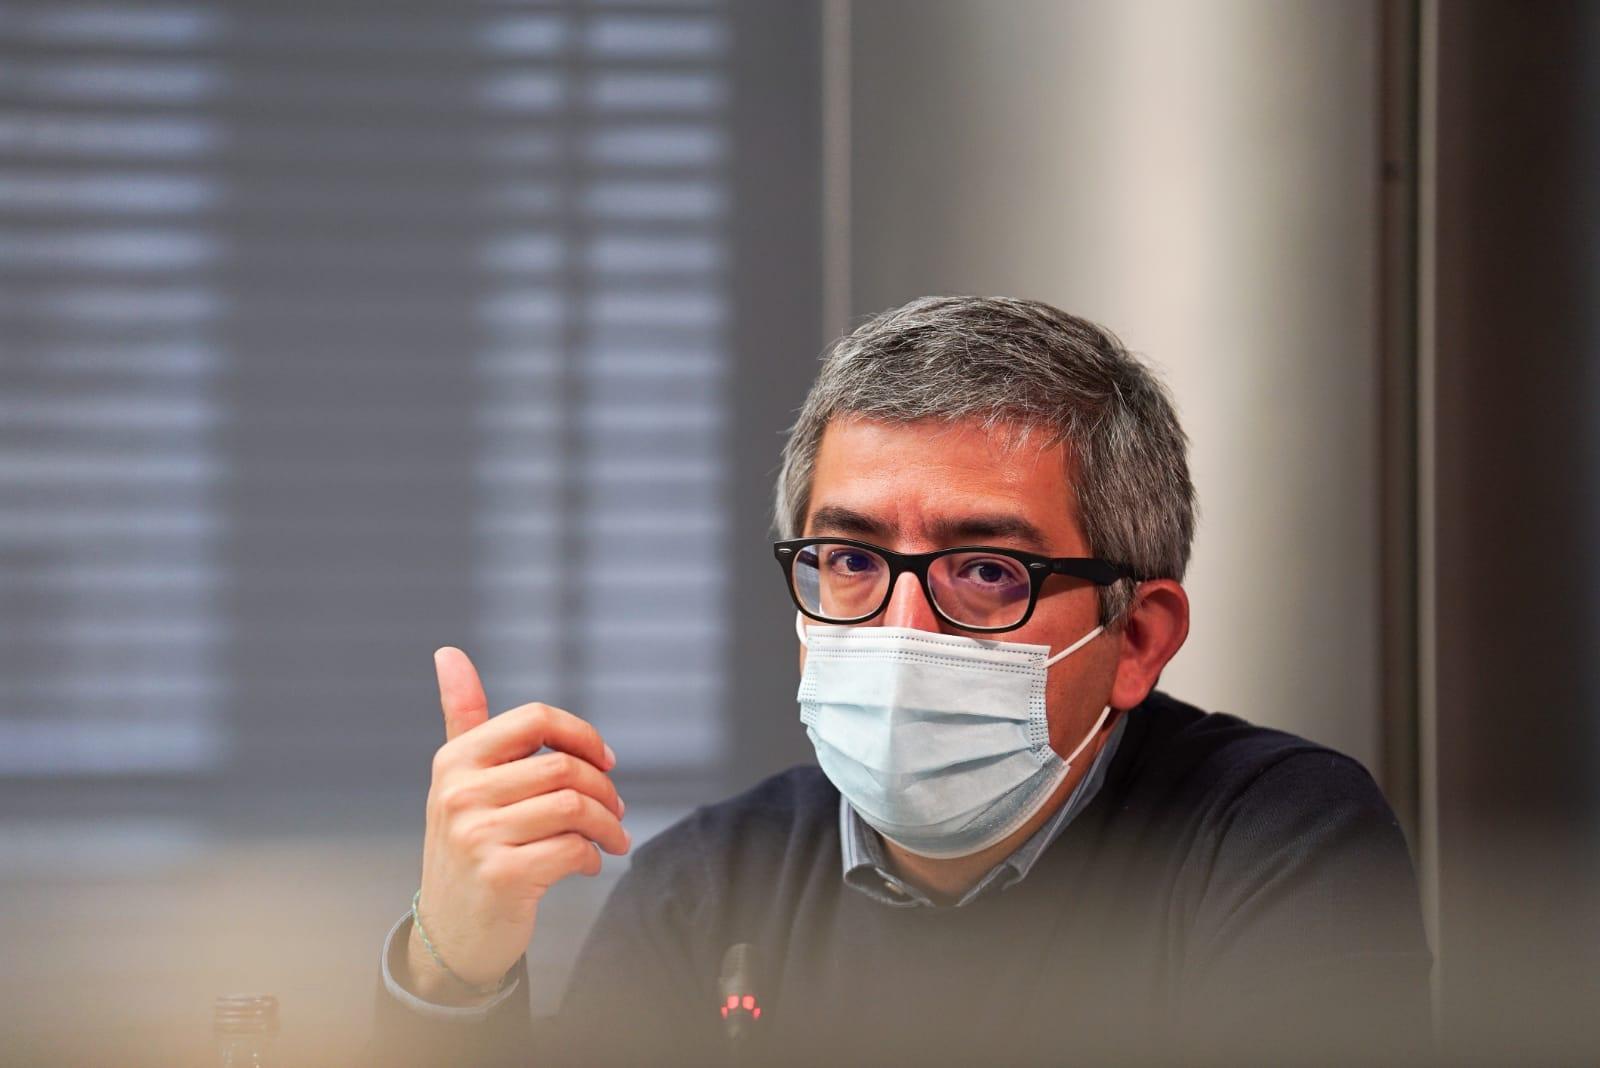 Jordi Amat, comisario del proceso Barcelona Mañana y escritor